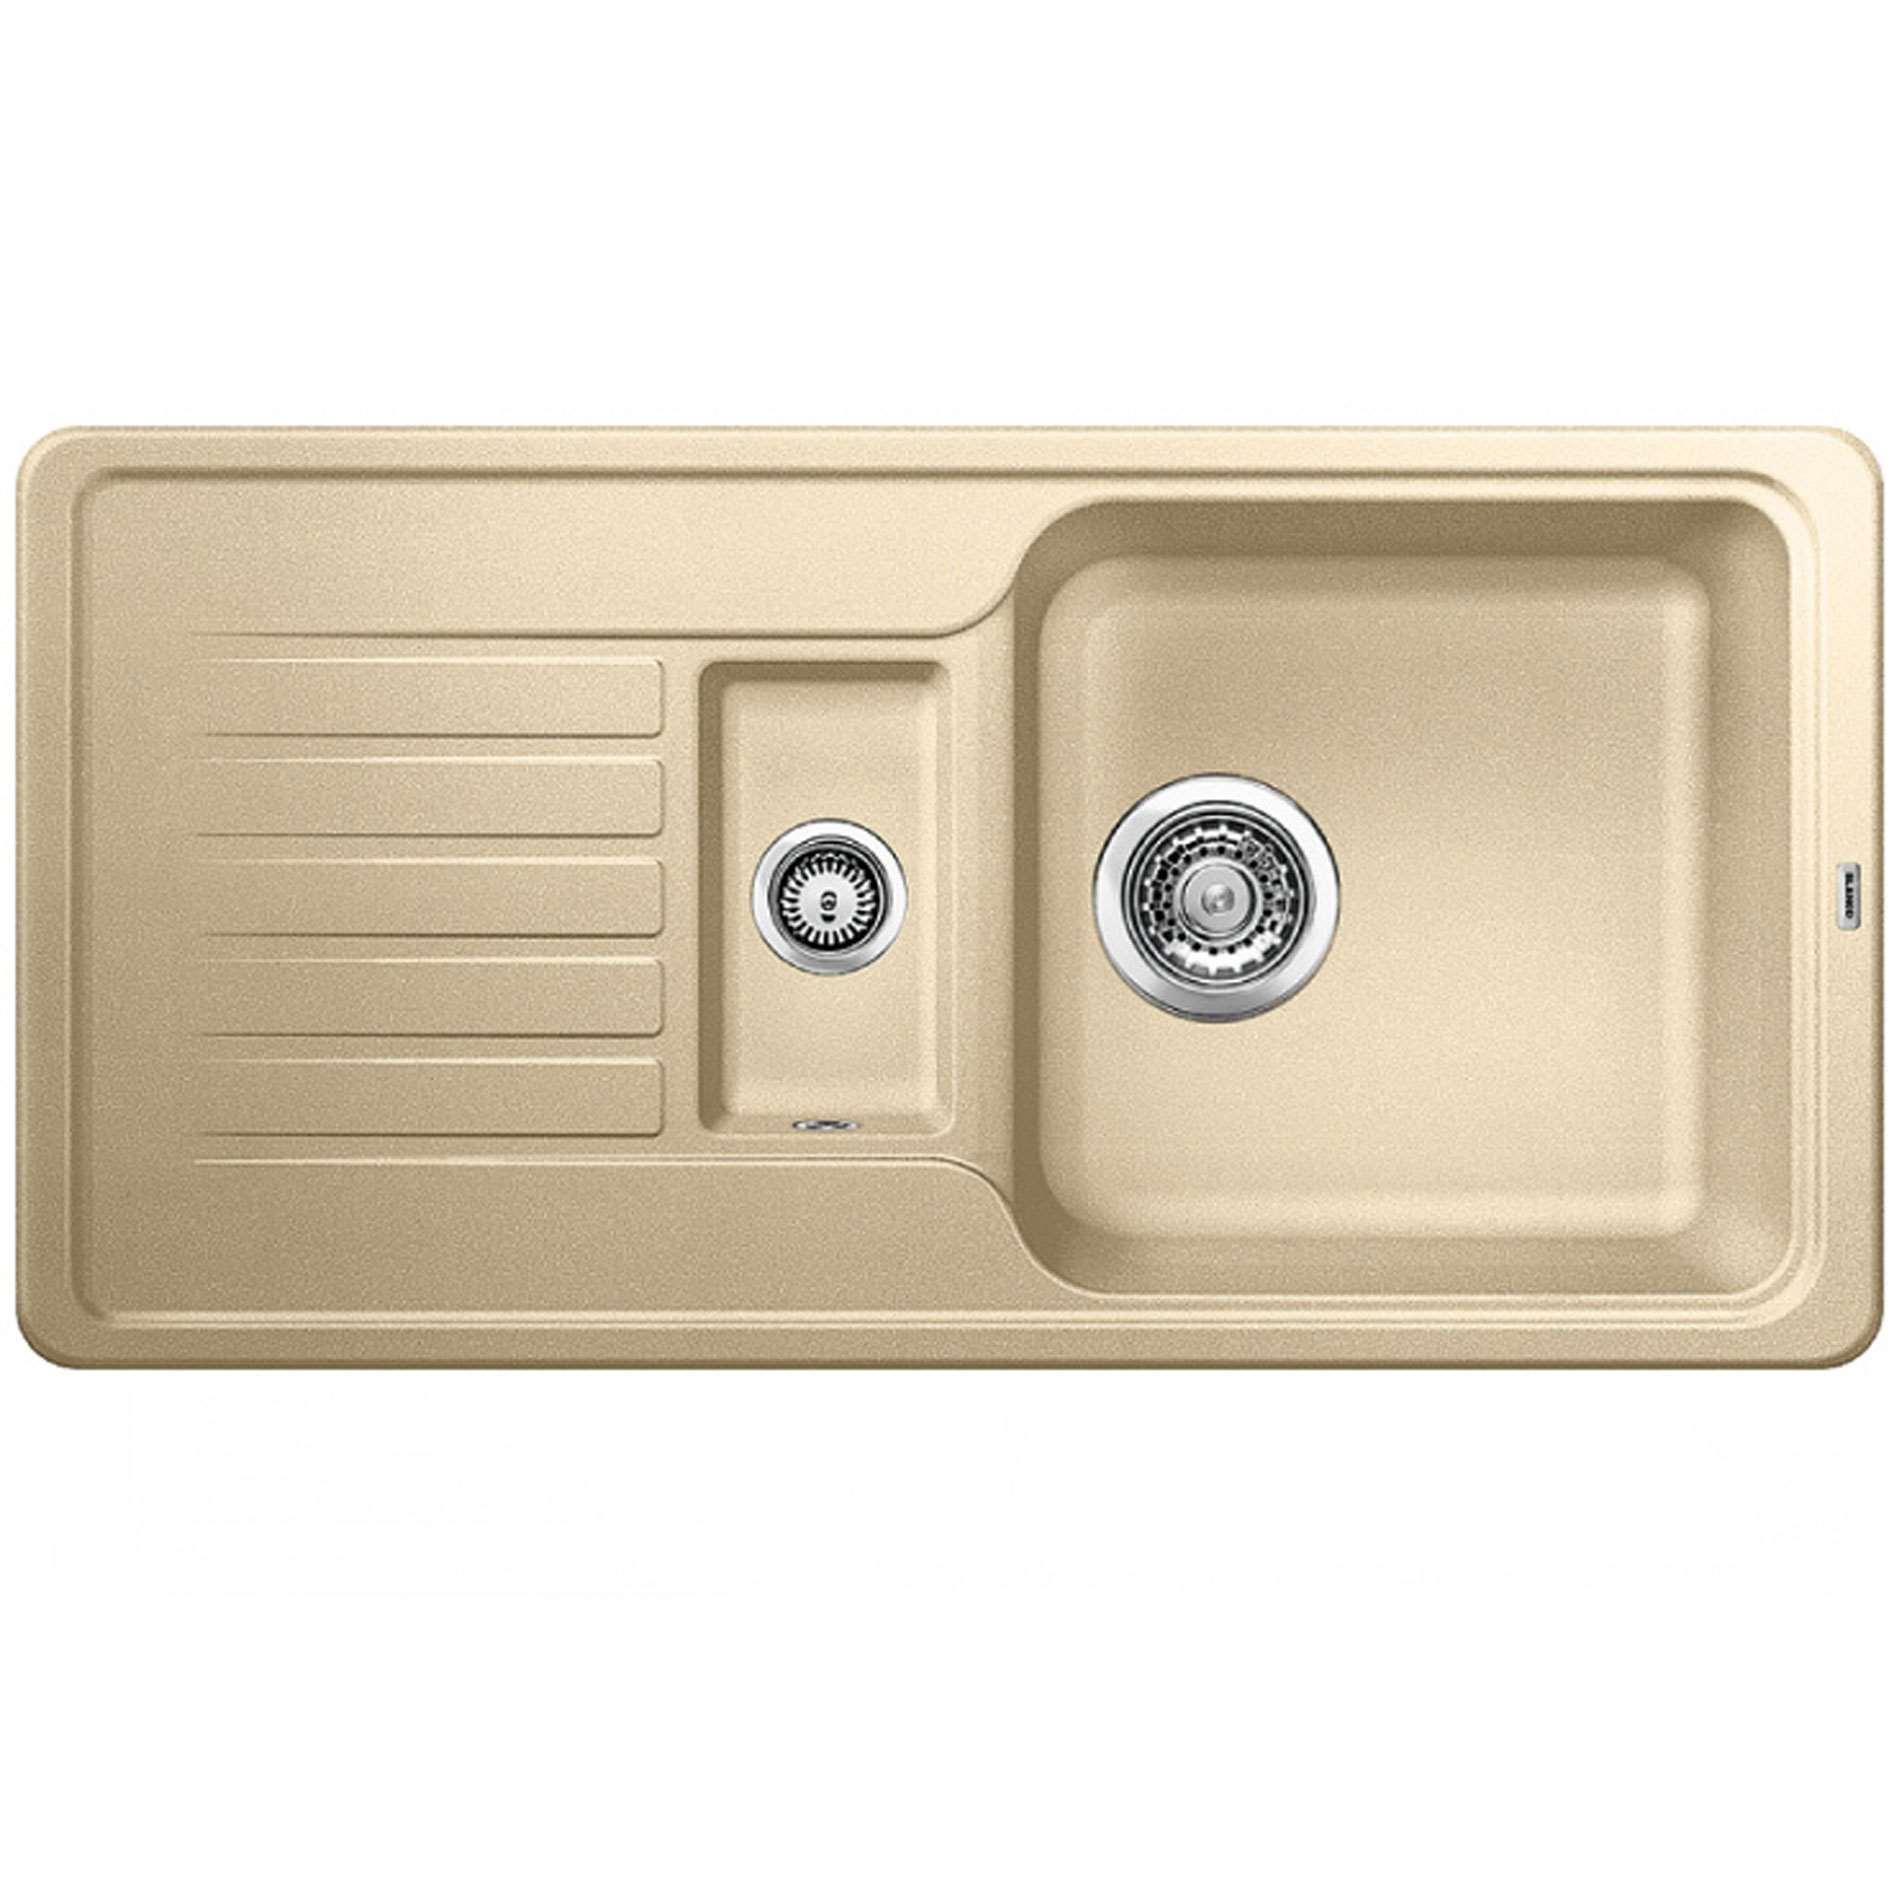 Blanco favos 6 s champagne silgranit sink kitchen sinks for German kitchen sink brands